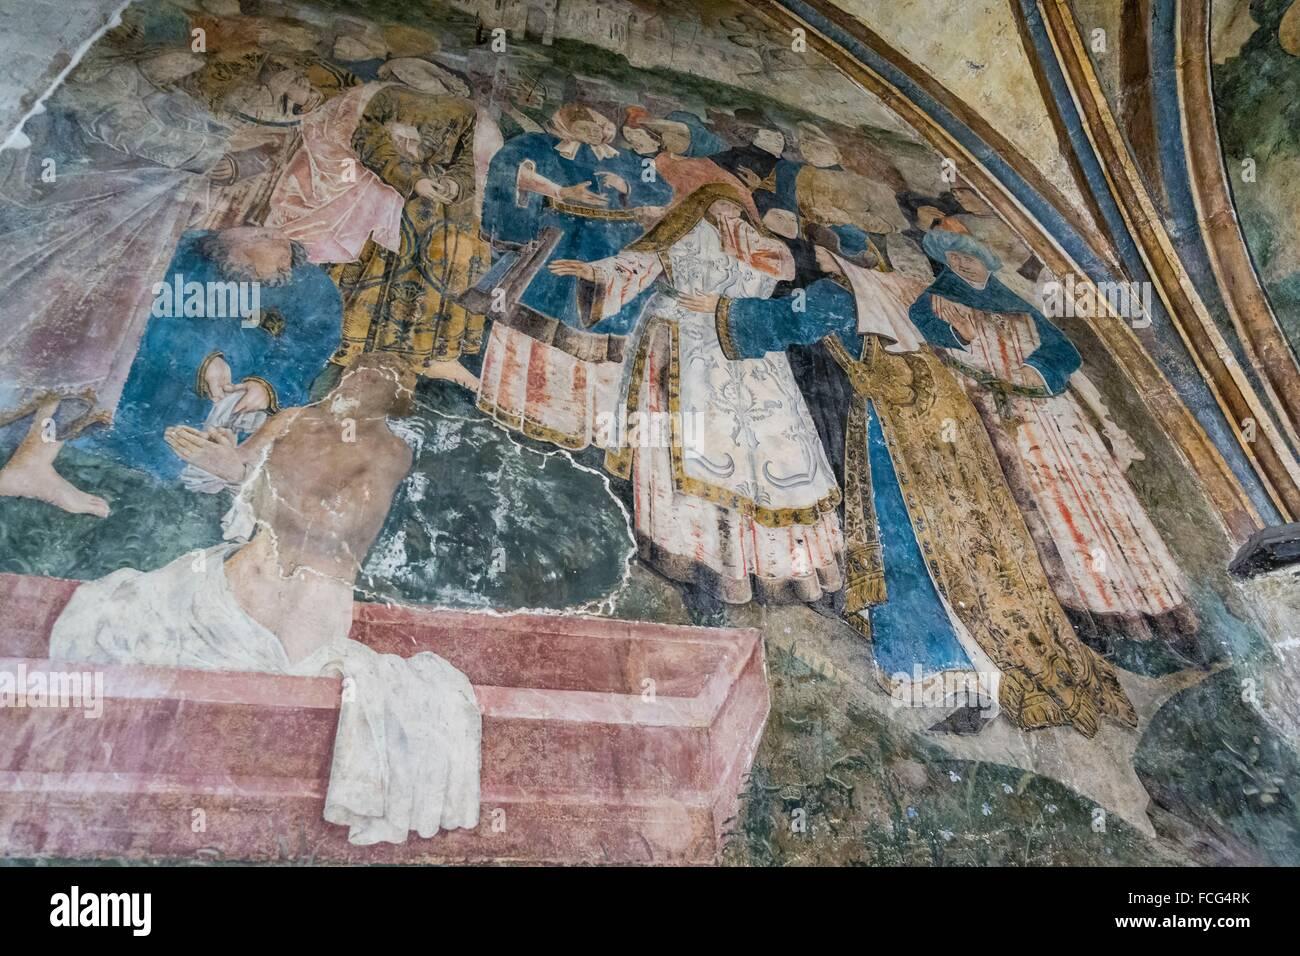 reanimacion de San Lazaro, capilla de ST Lazare, - ST Leger-, iglesia de San Nicolás (templo católico de origen Stock Photo